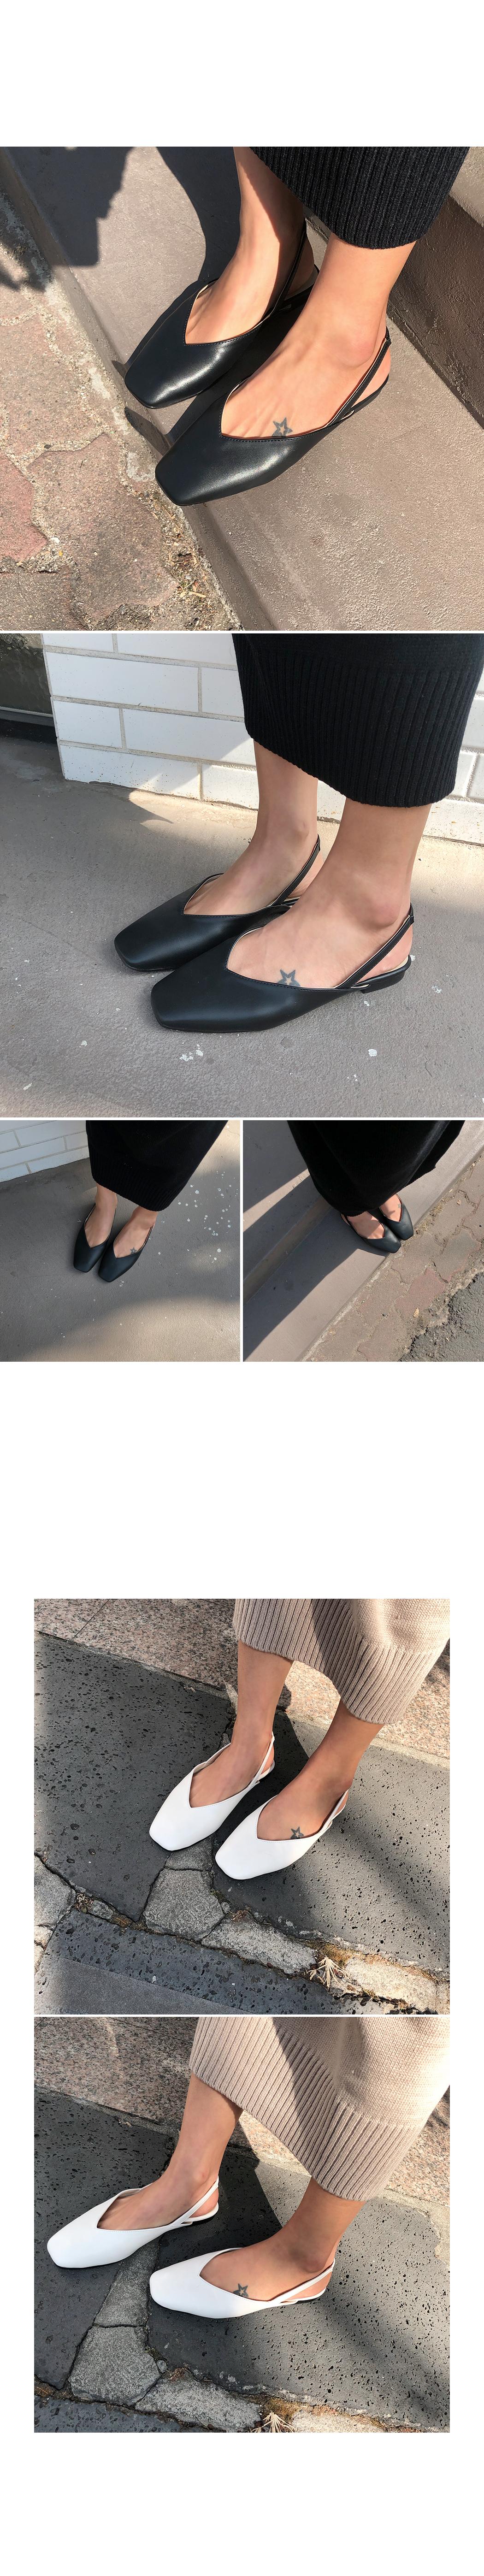 Bracket-slingback shoes